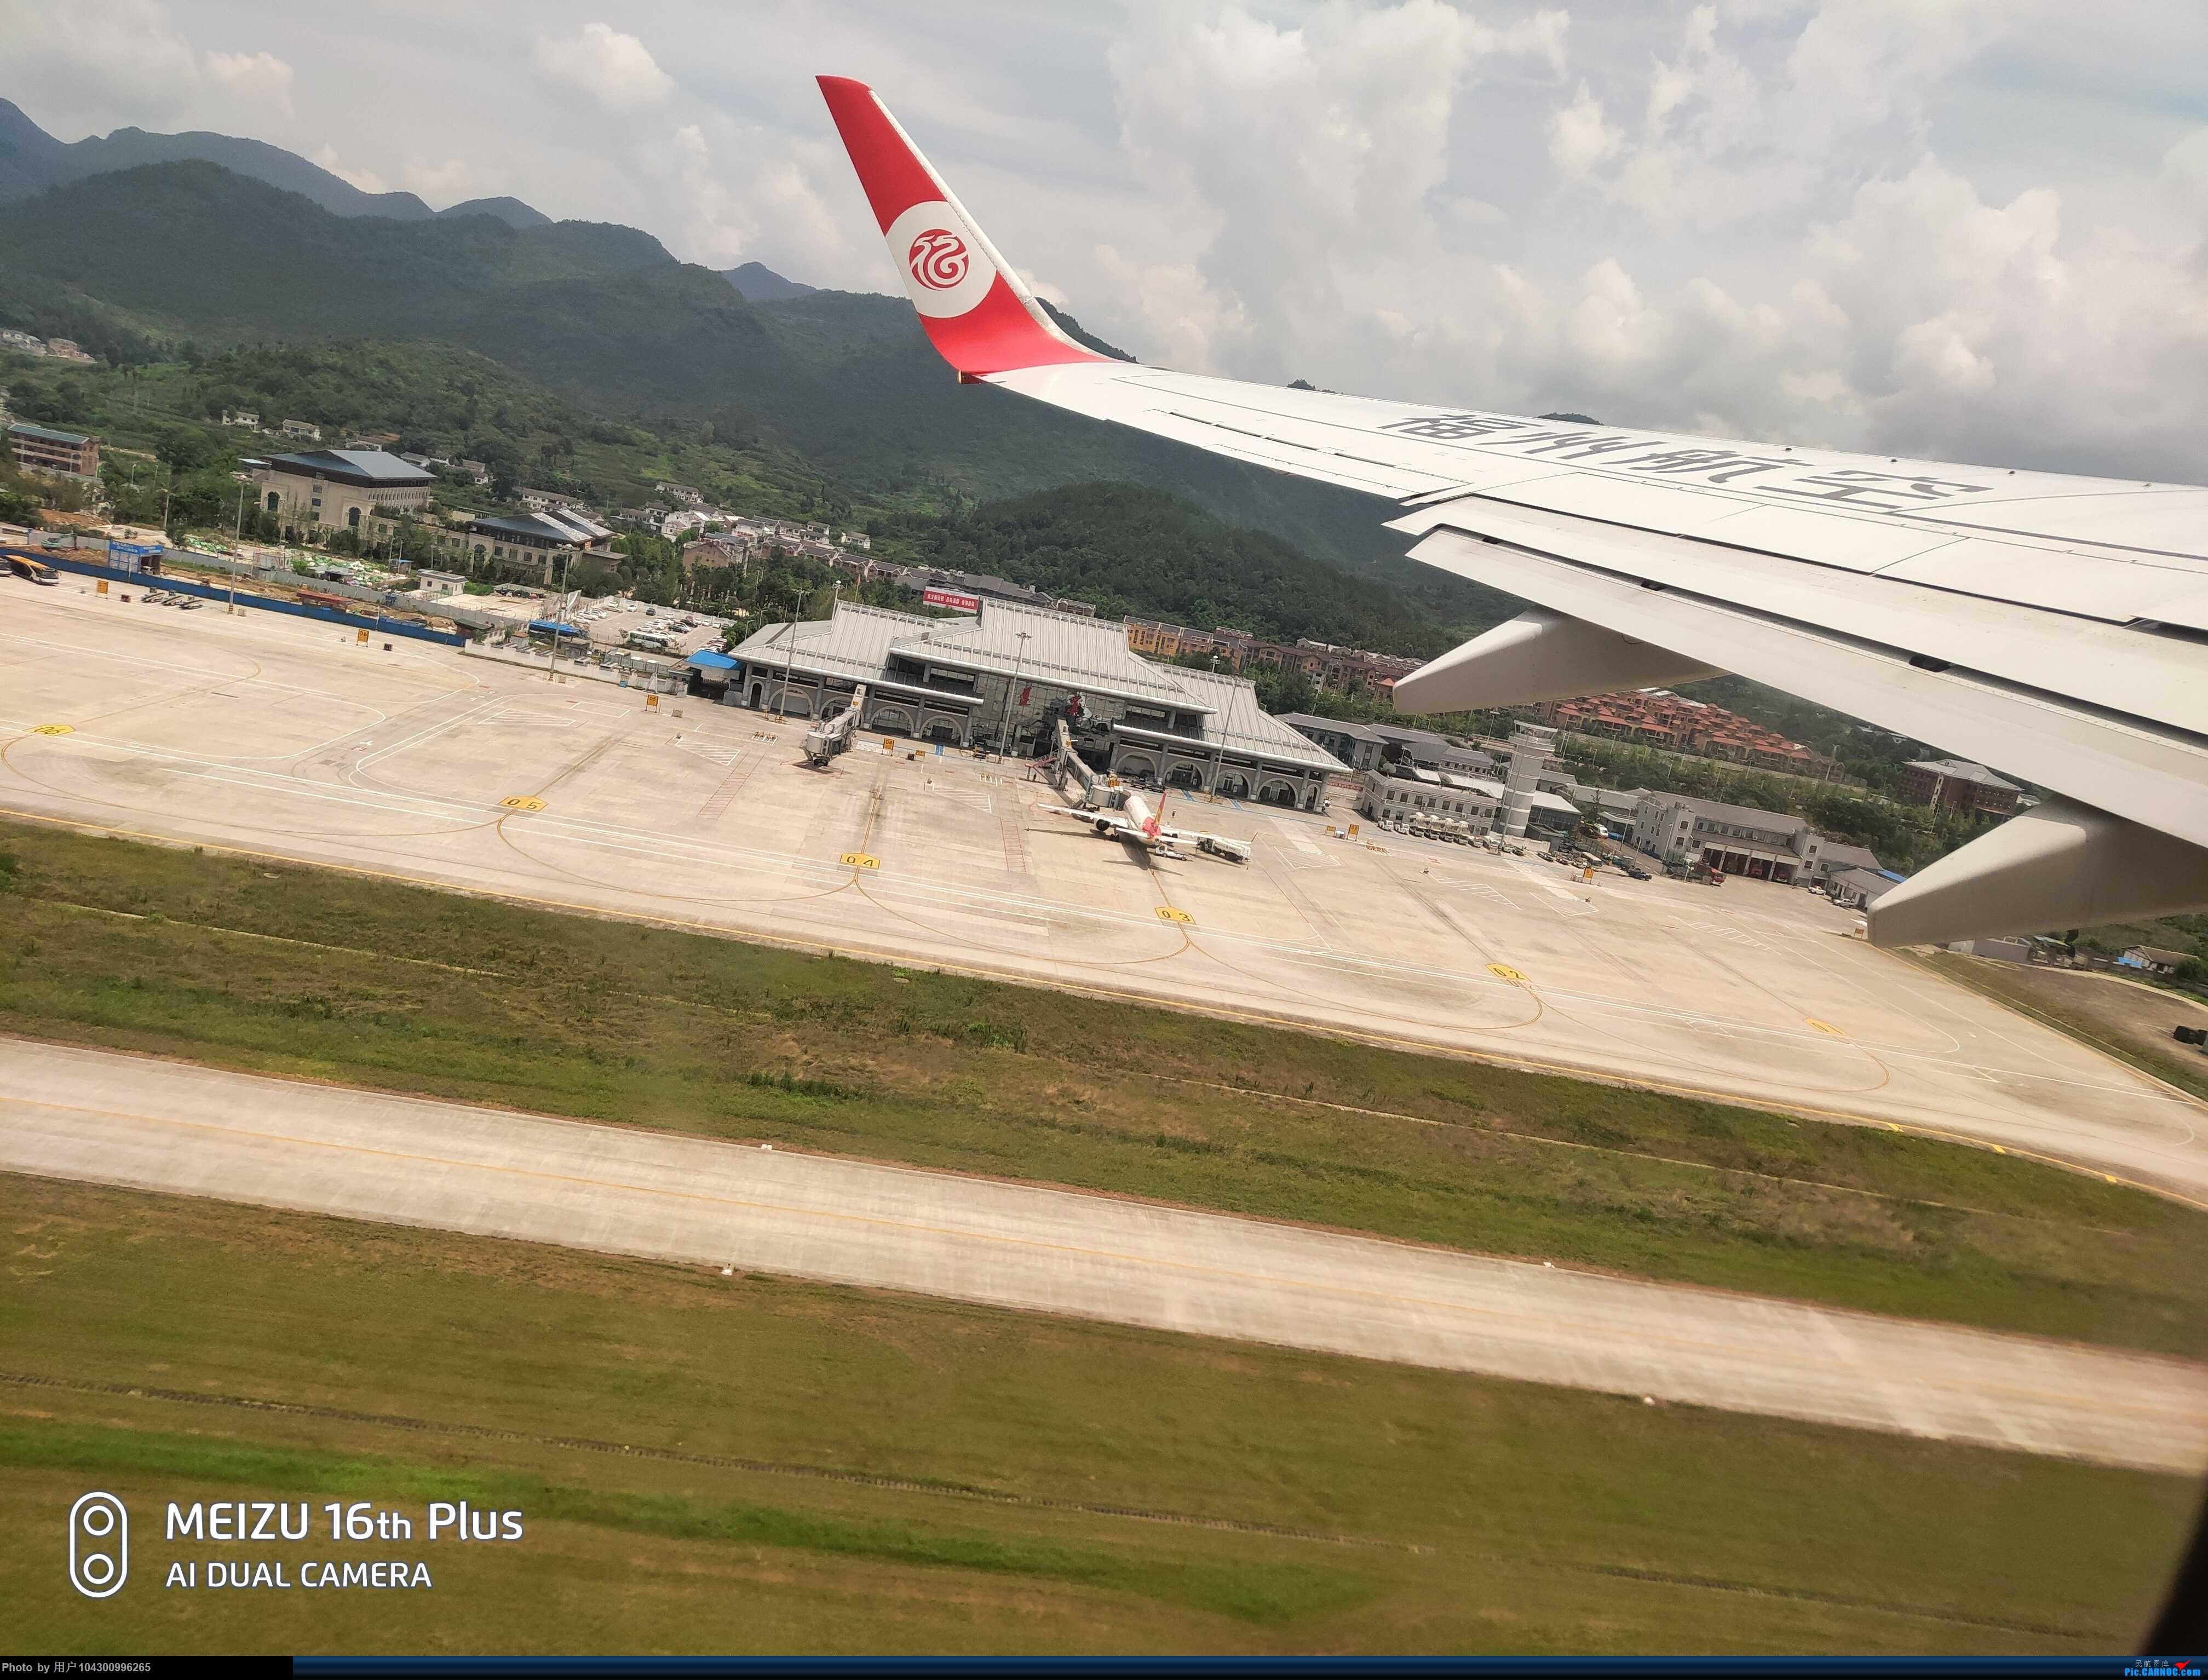 Re:[原创]DM游记之FU遵义--桂林 BOEING 737-800 B-5182 中国遵义新舟机场